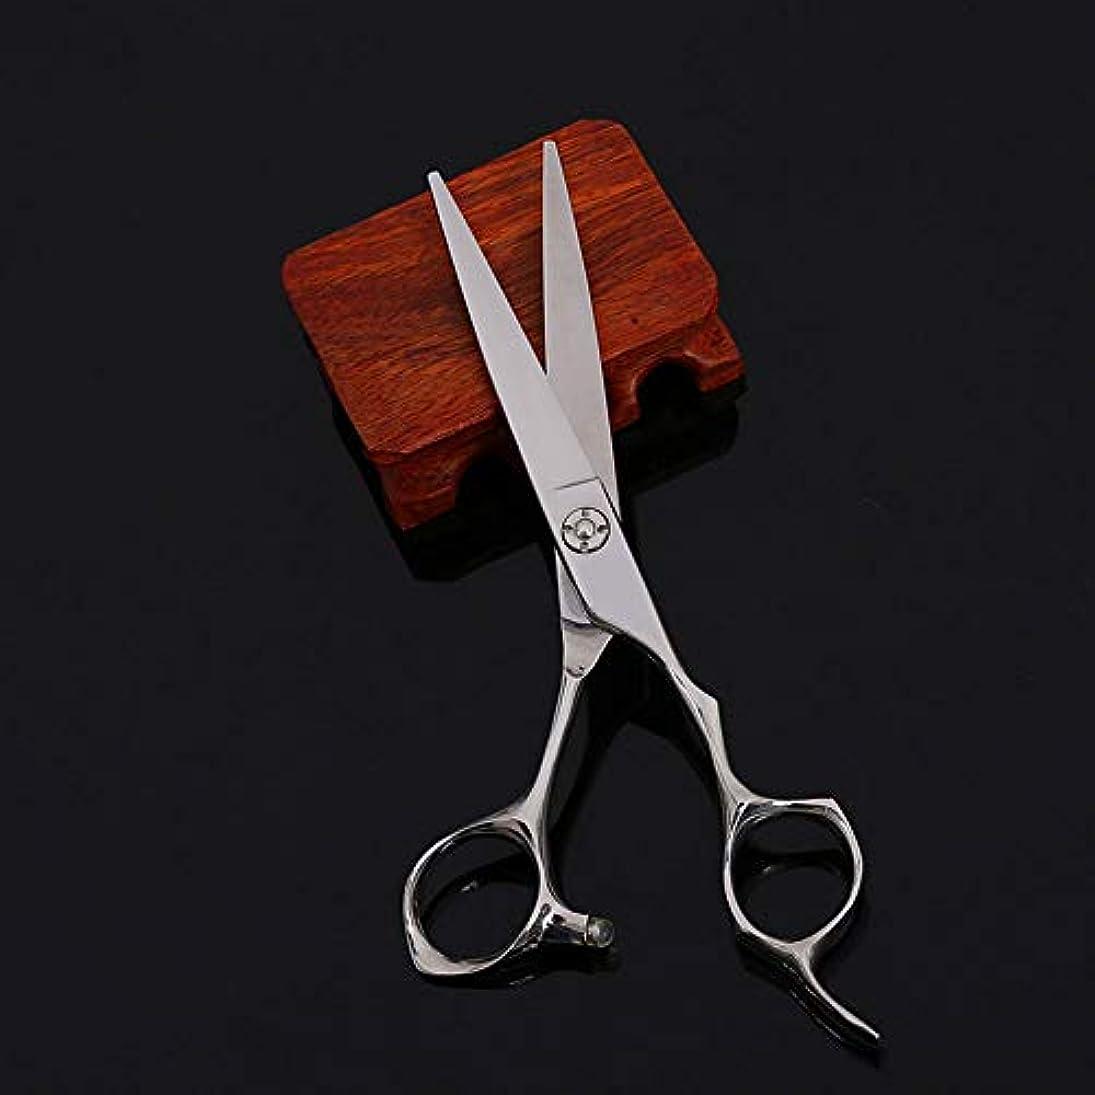 ペストリー感情マザーランドWASAIO バーバープロフェッショナルヘアカットプレーンのはさみヘアカットはさみ間伐歯を設定理髪テクスチャーサロンレイザーエッジシザーとホーム工具6インチ (色 : Silver)